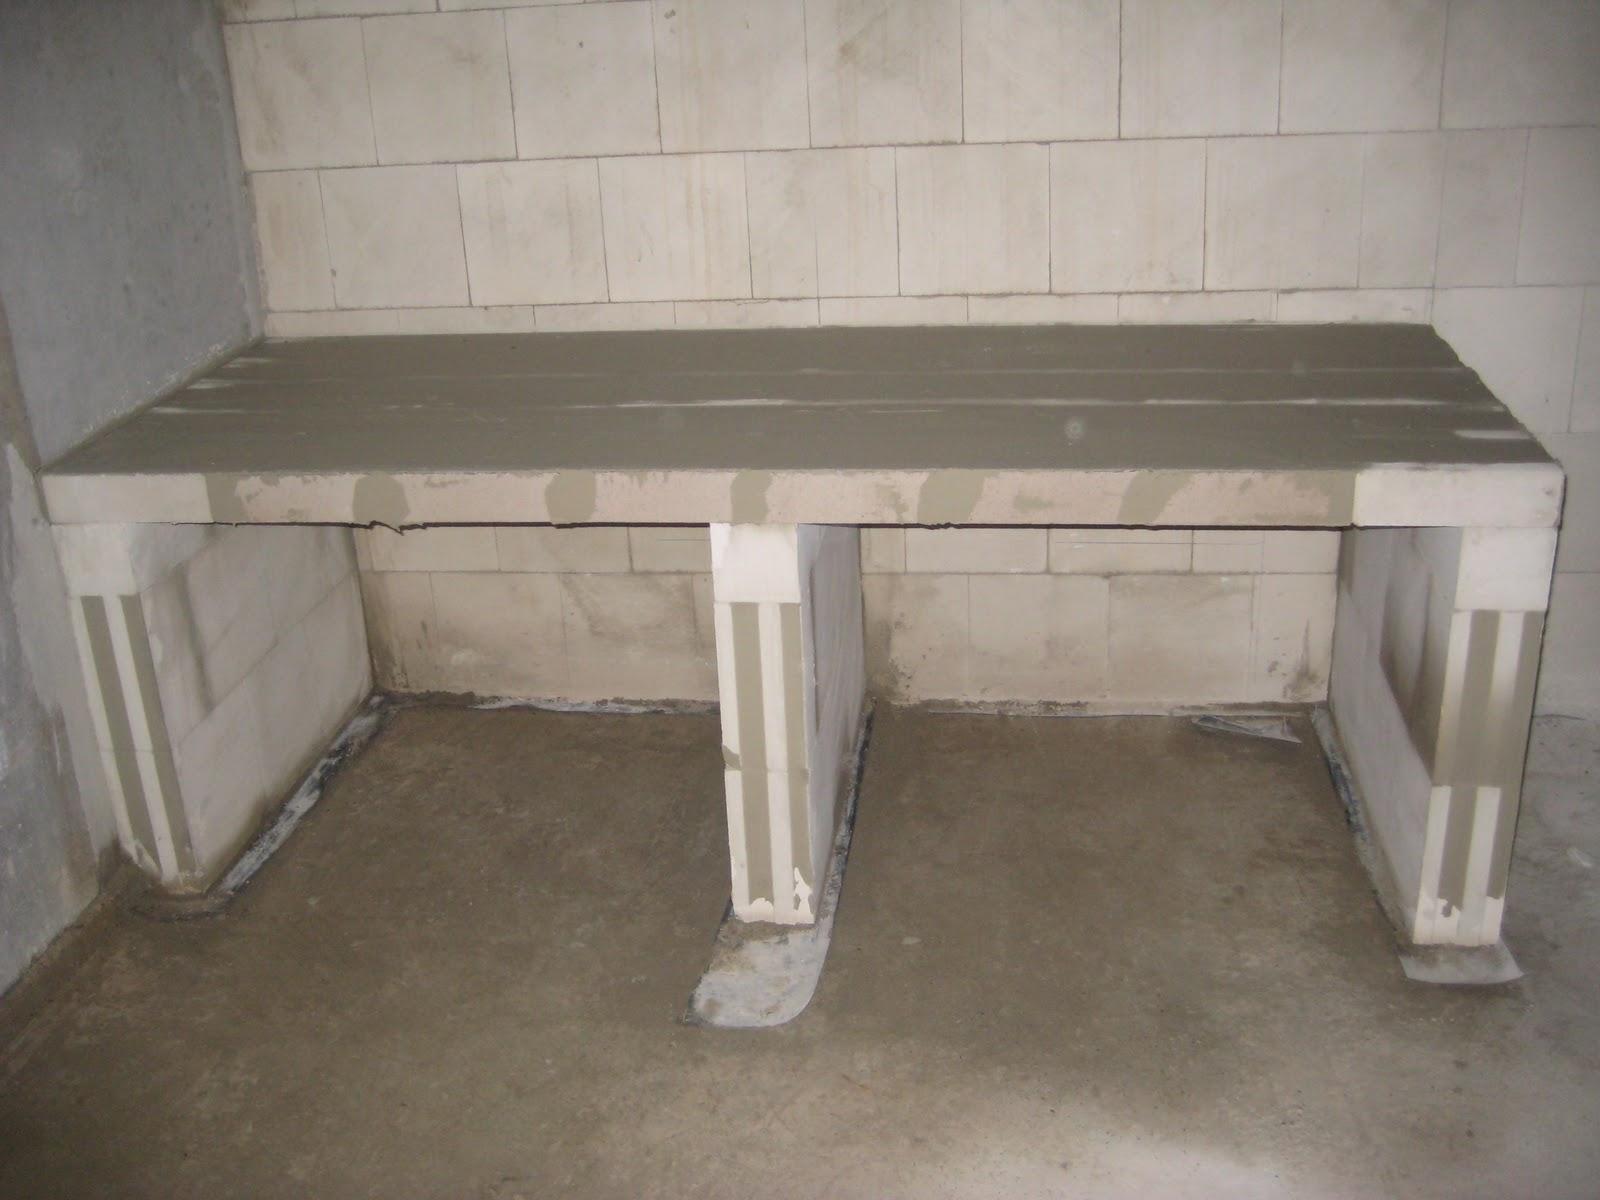 Lieblings Waschmaschinensockel Selber Bauen Holz | küchenschrank glastür #CN_58